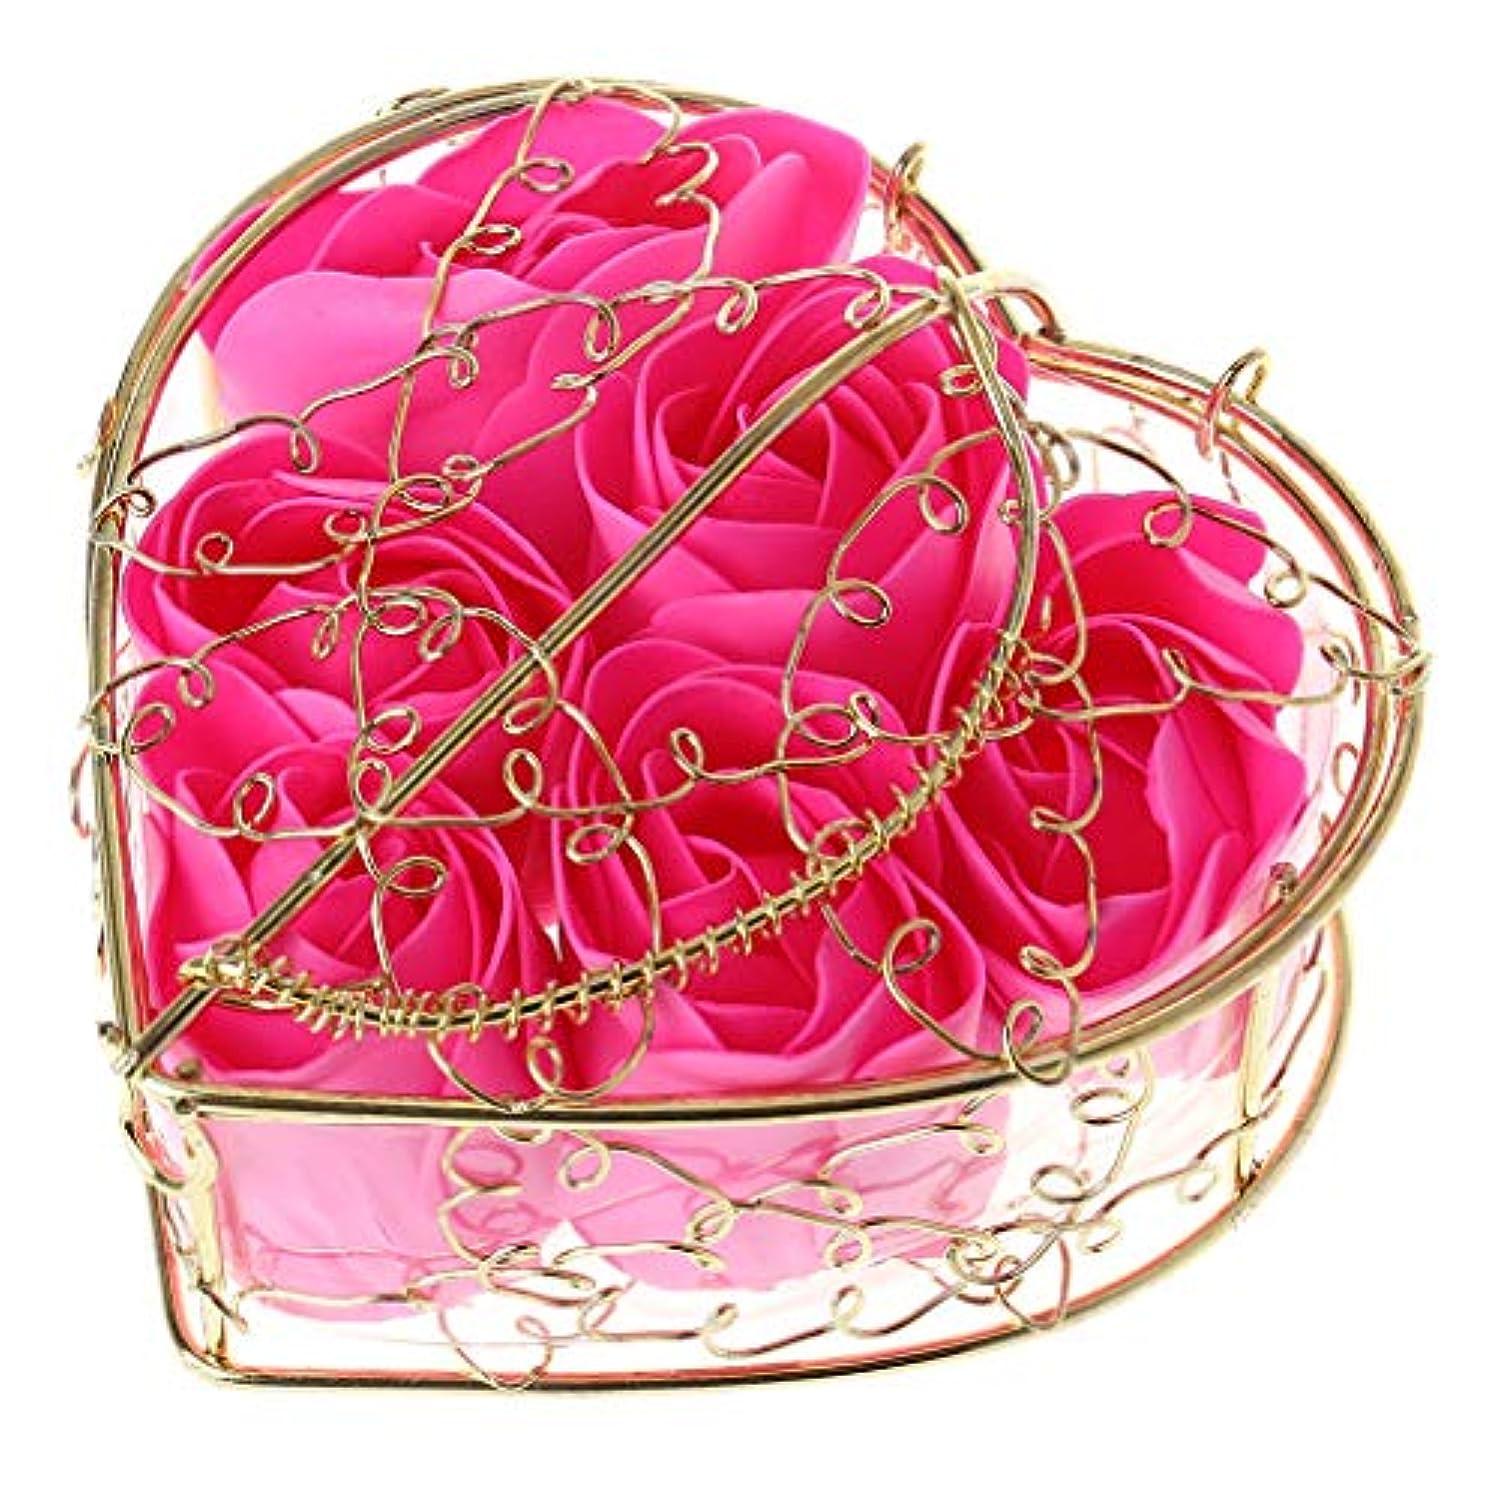 アクセルゆりかご嫌悪Kaman-co 6本の香りのバラの花びら、入浴ボディーソープ、ウェディングパーティーの装飾ギフト、バレンタインデーの贈り物 (HP)